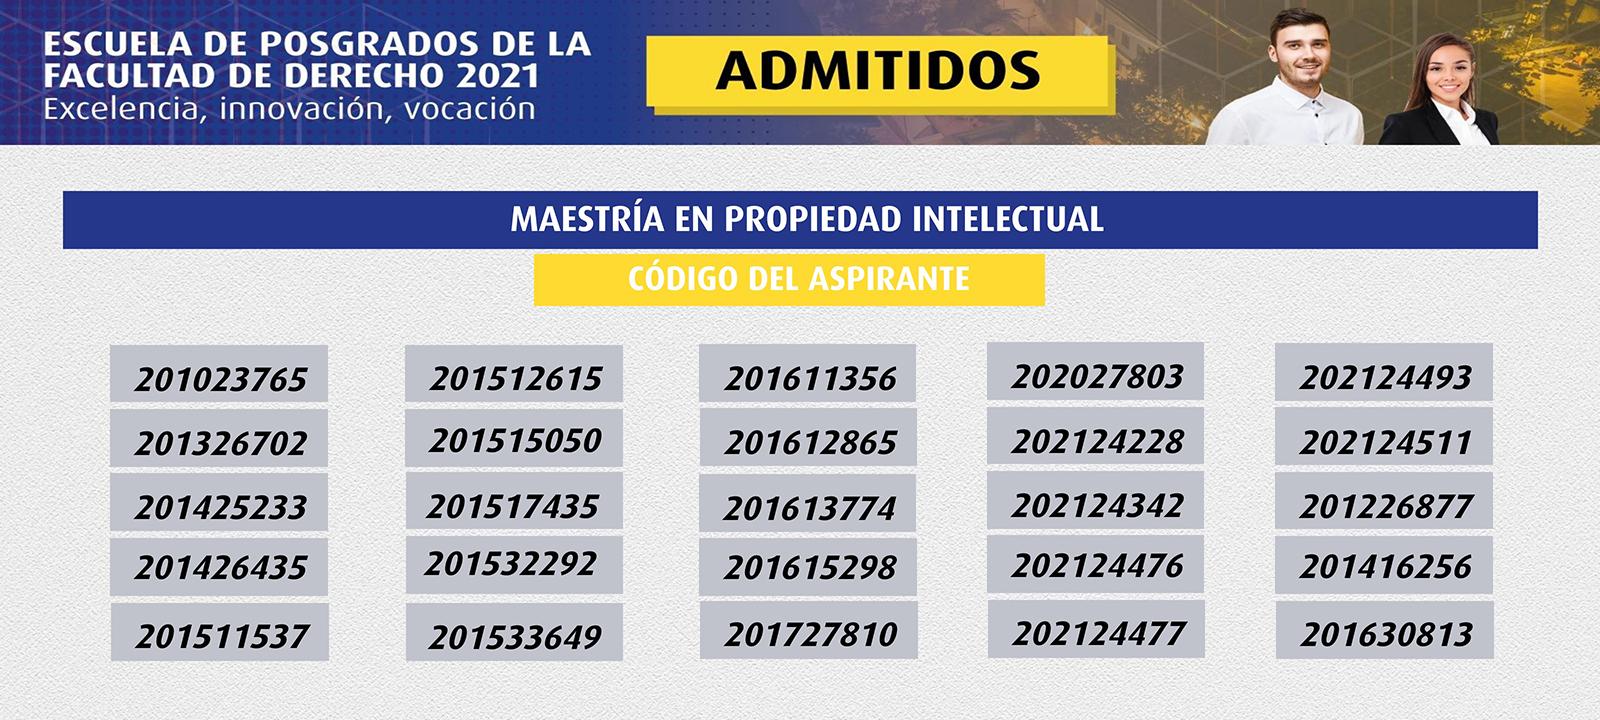 Admitidos 2021 | Maestría en Propiedad Intelectual | Uniandes